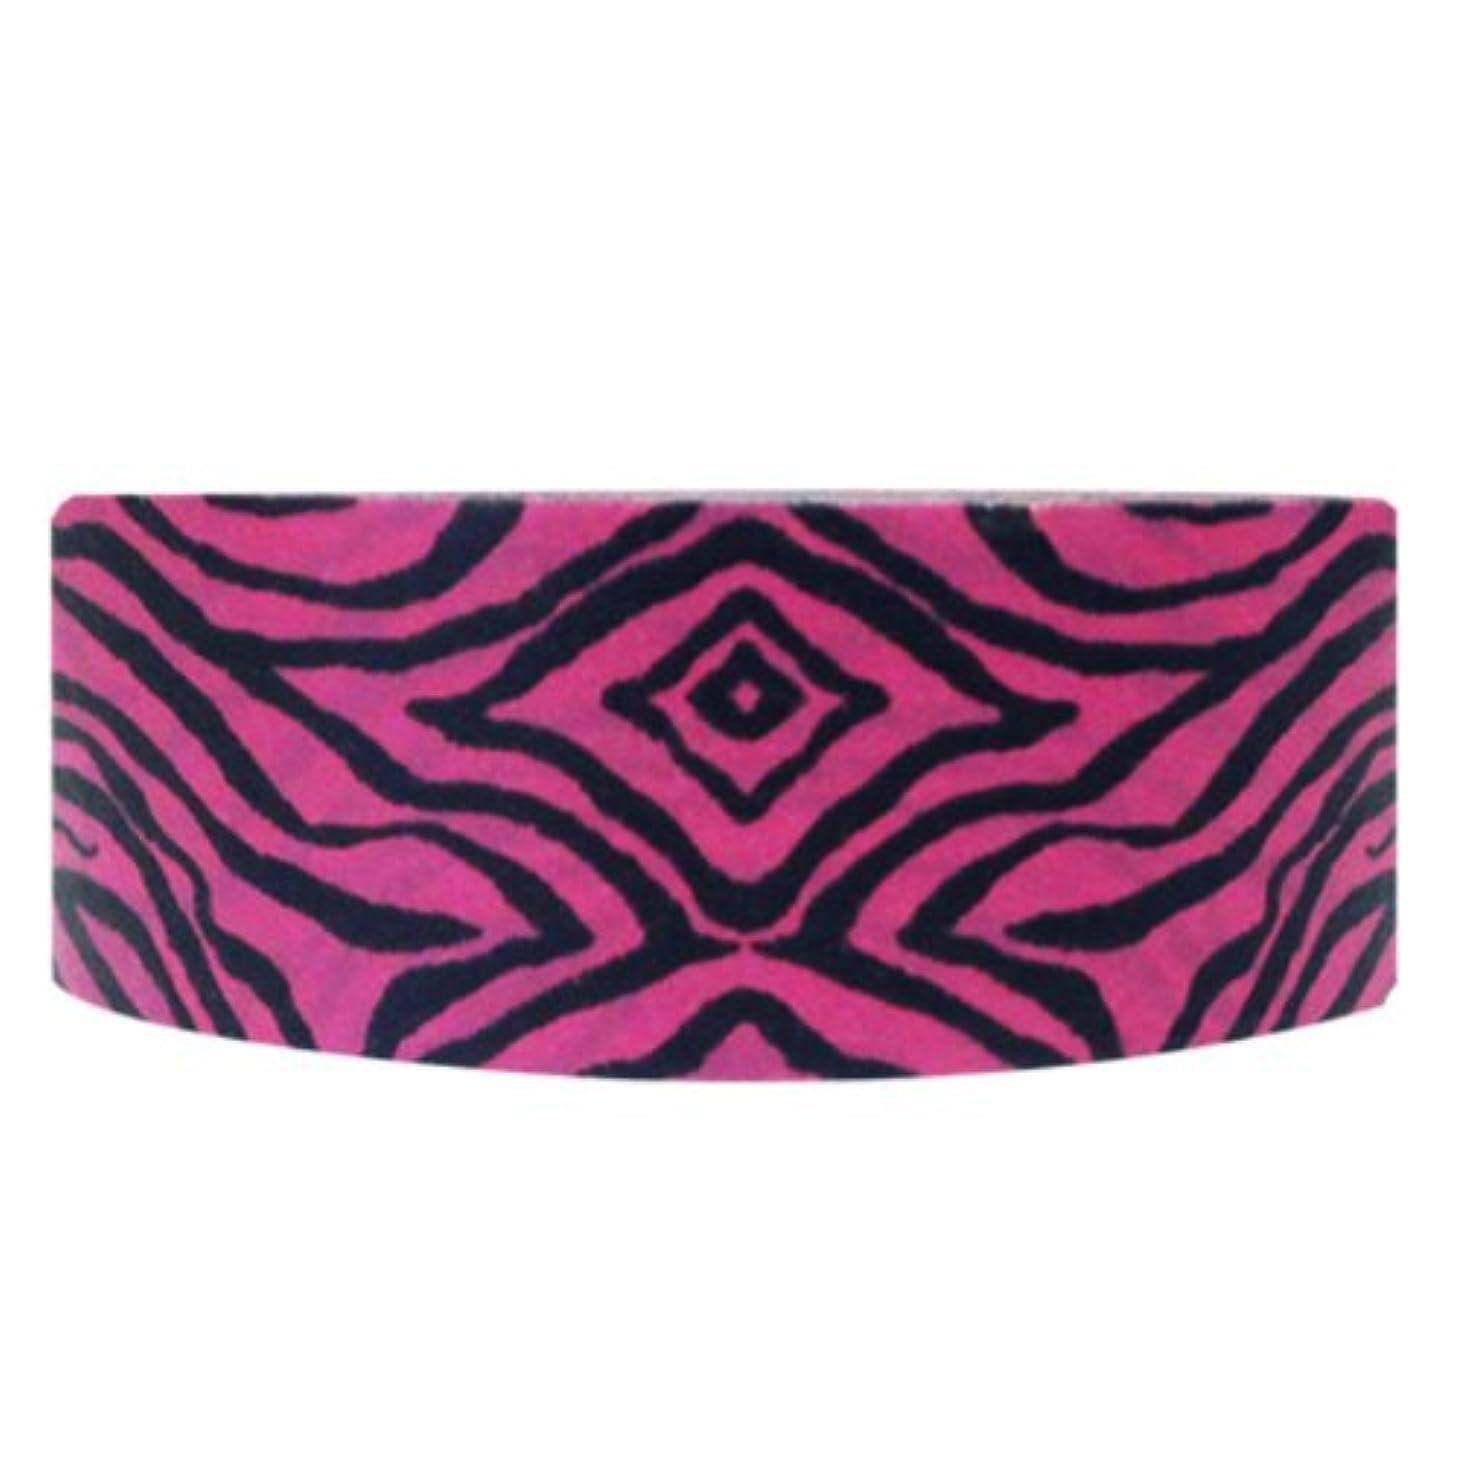 Wrapables Colorful Patterns Washi Masking Tape, Random